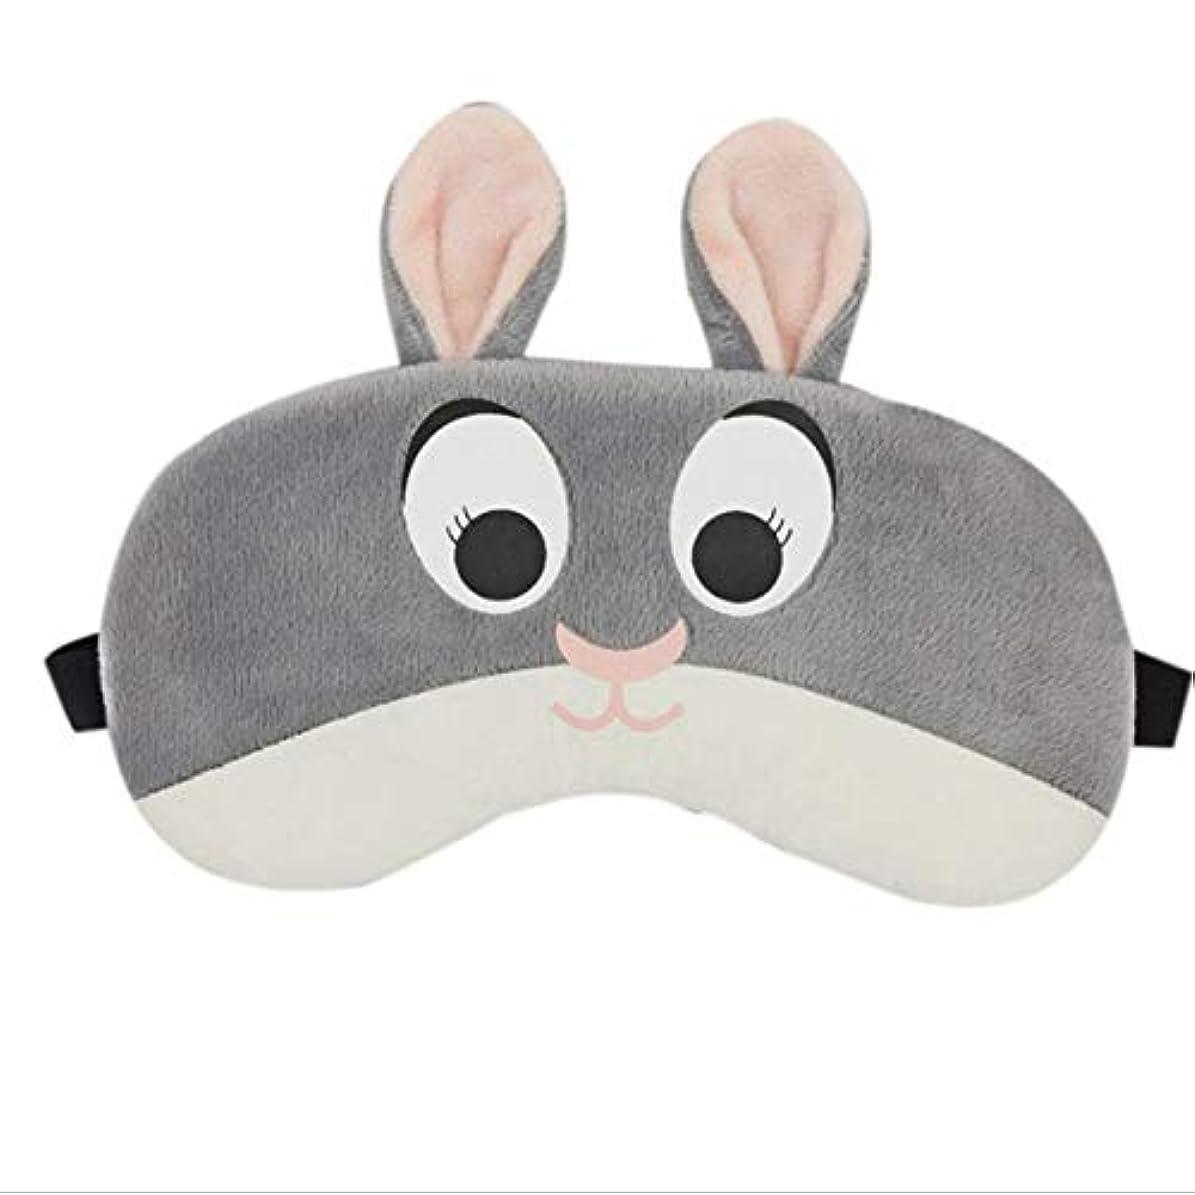 持参加入切るNOTE 睡眠マスクアイマスクアイパッチソフトコットンシームレスフォックスセラピーパターンシェードカバー旅行のためリラックス睡眠補助MP0165